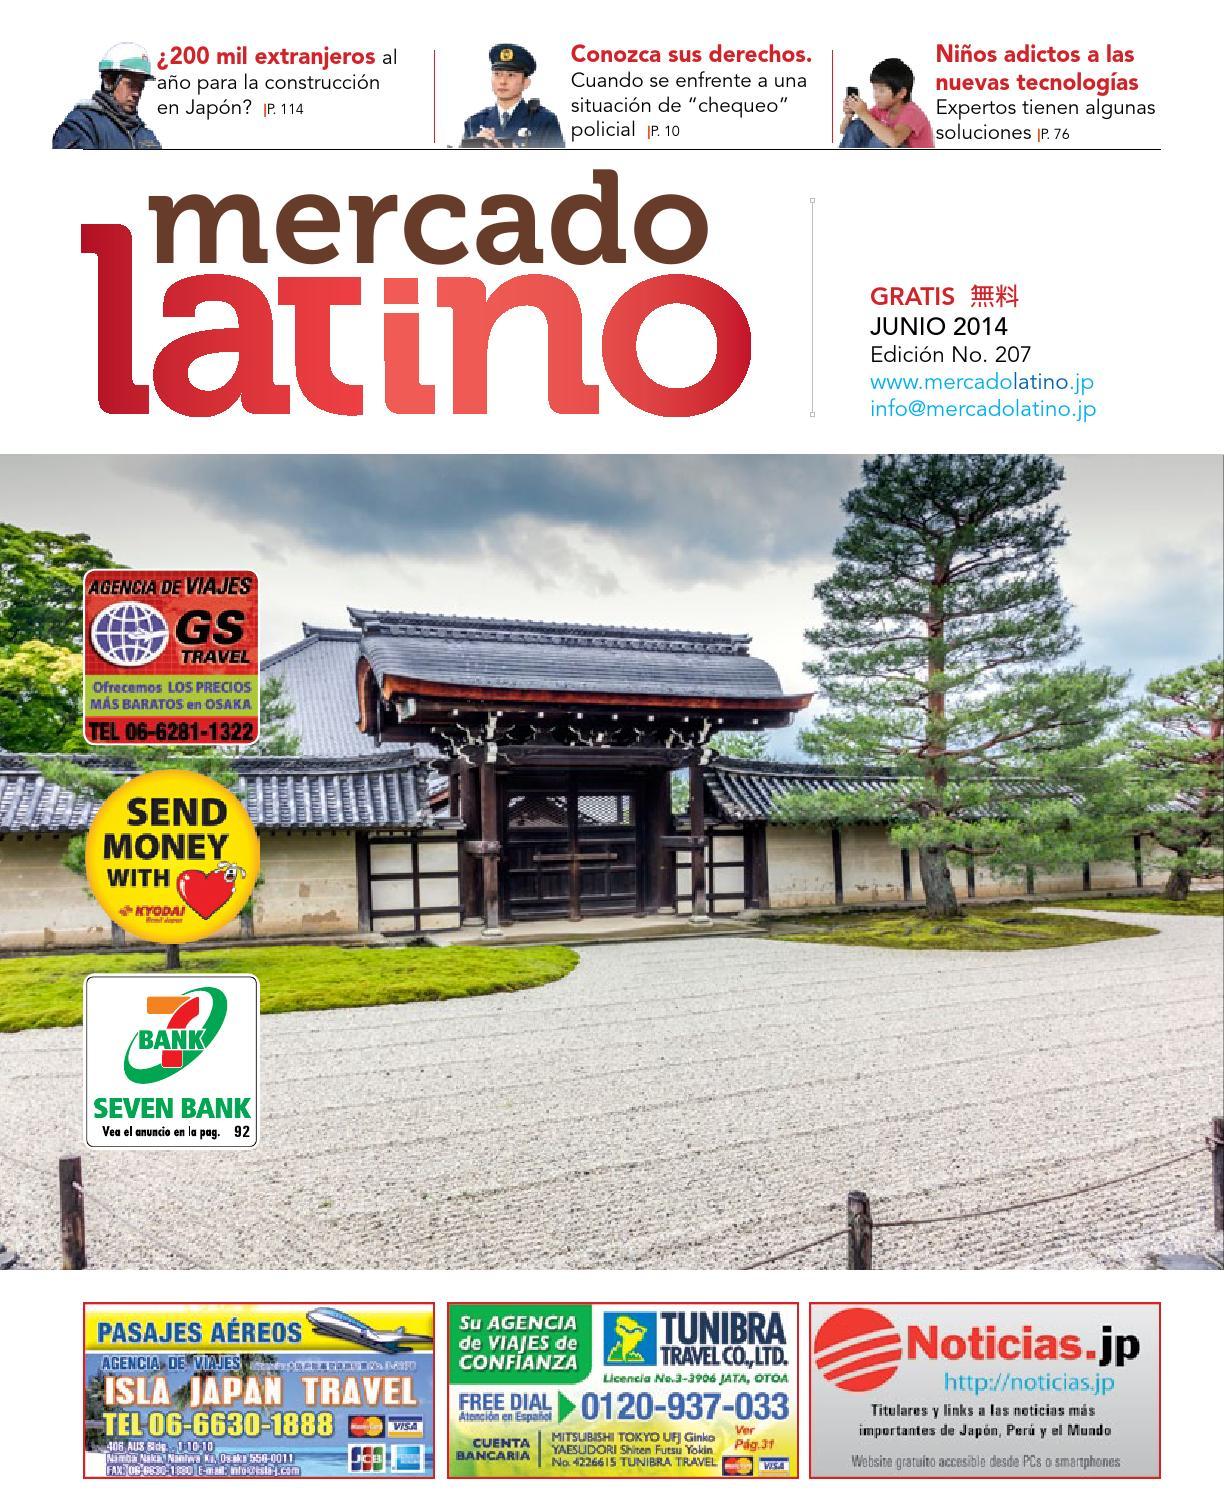 Junio 2014 by Mercado Latino Co. Ltd. - issuu 5b48d546c11